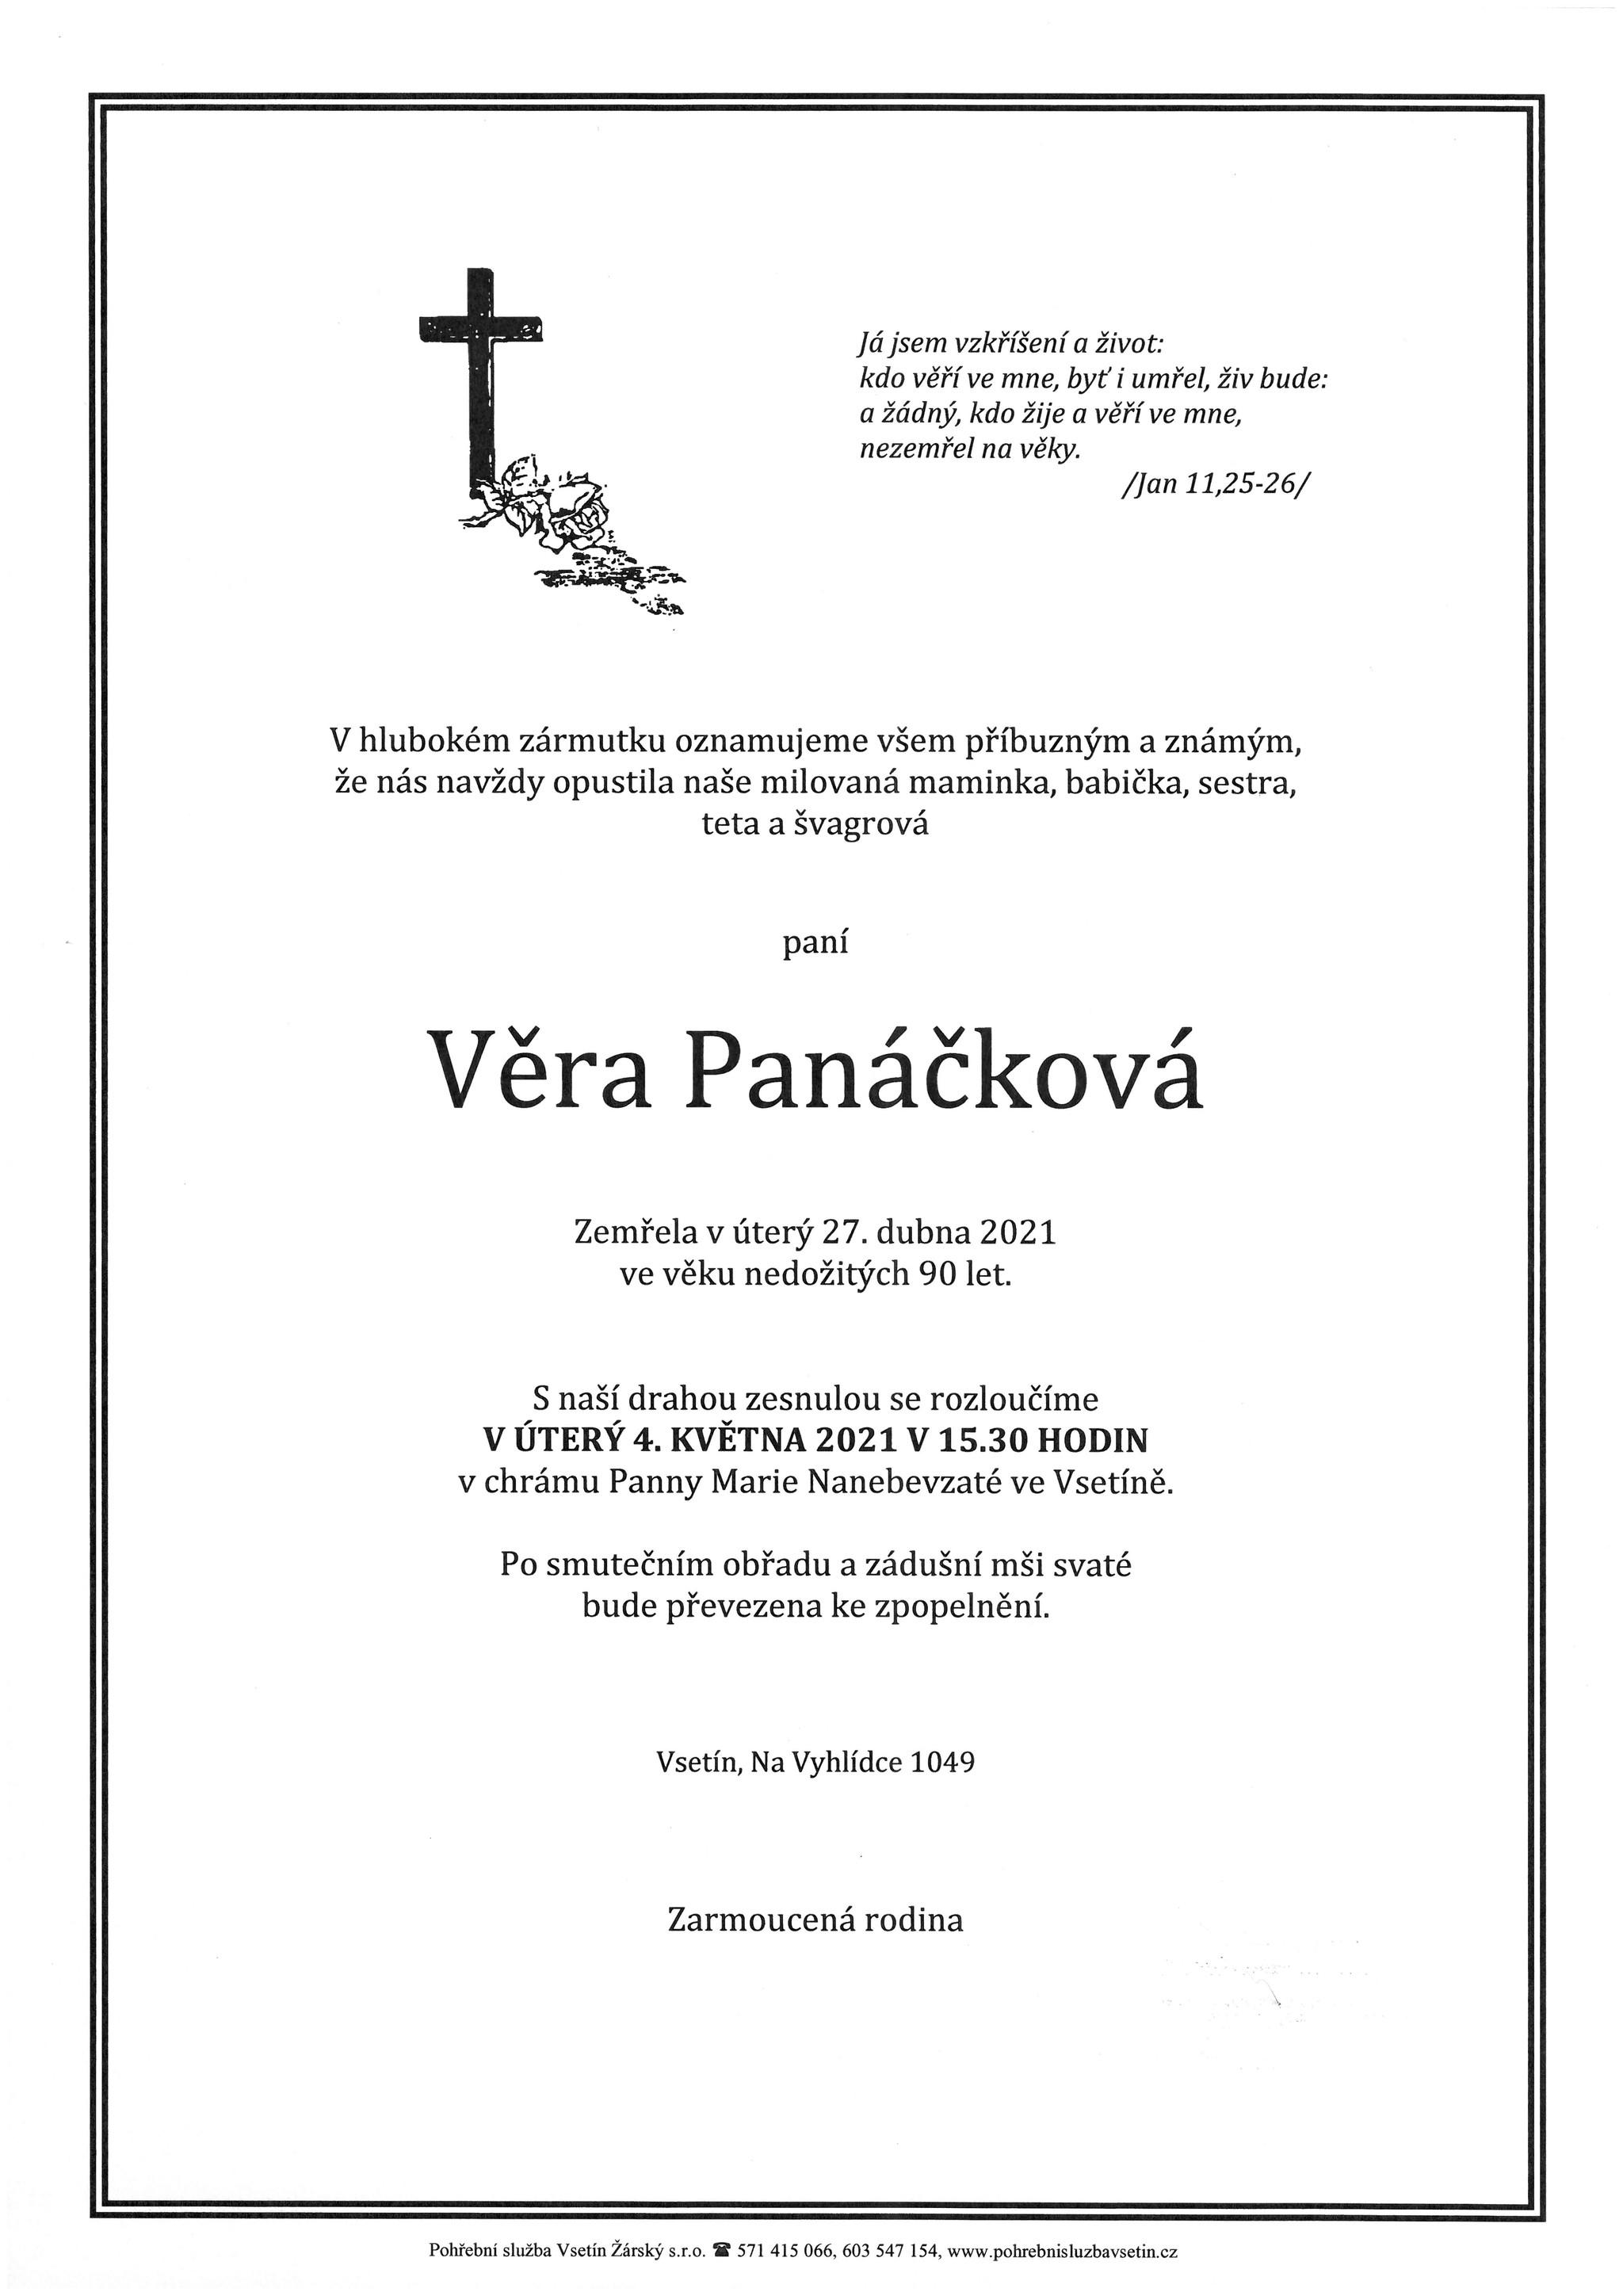 Věra Panáčková